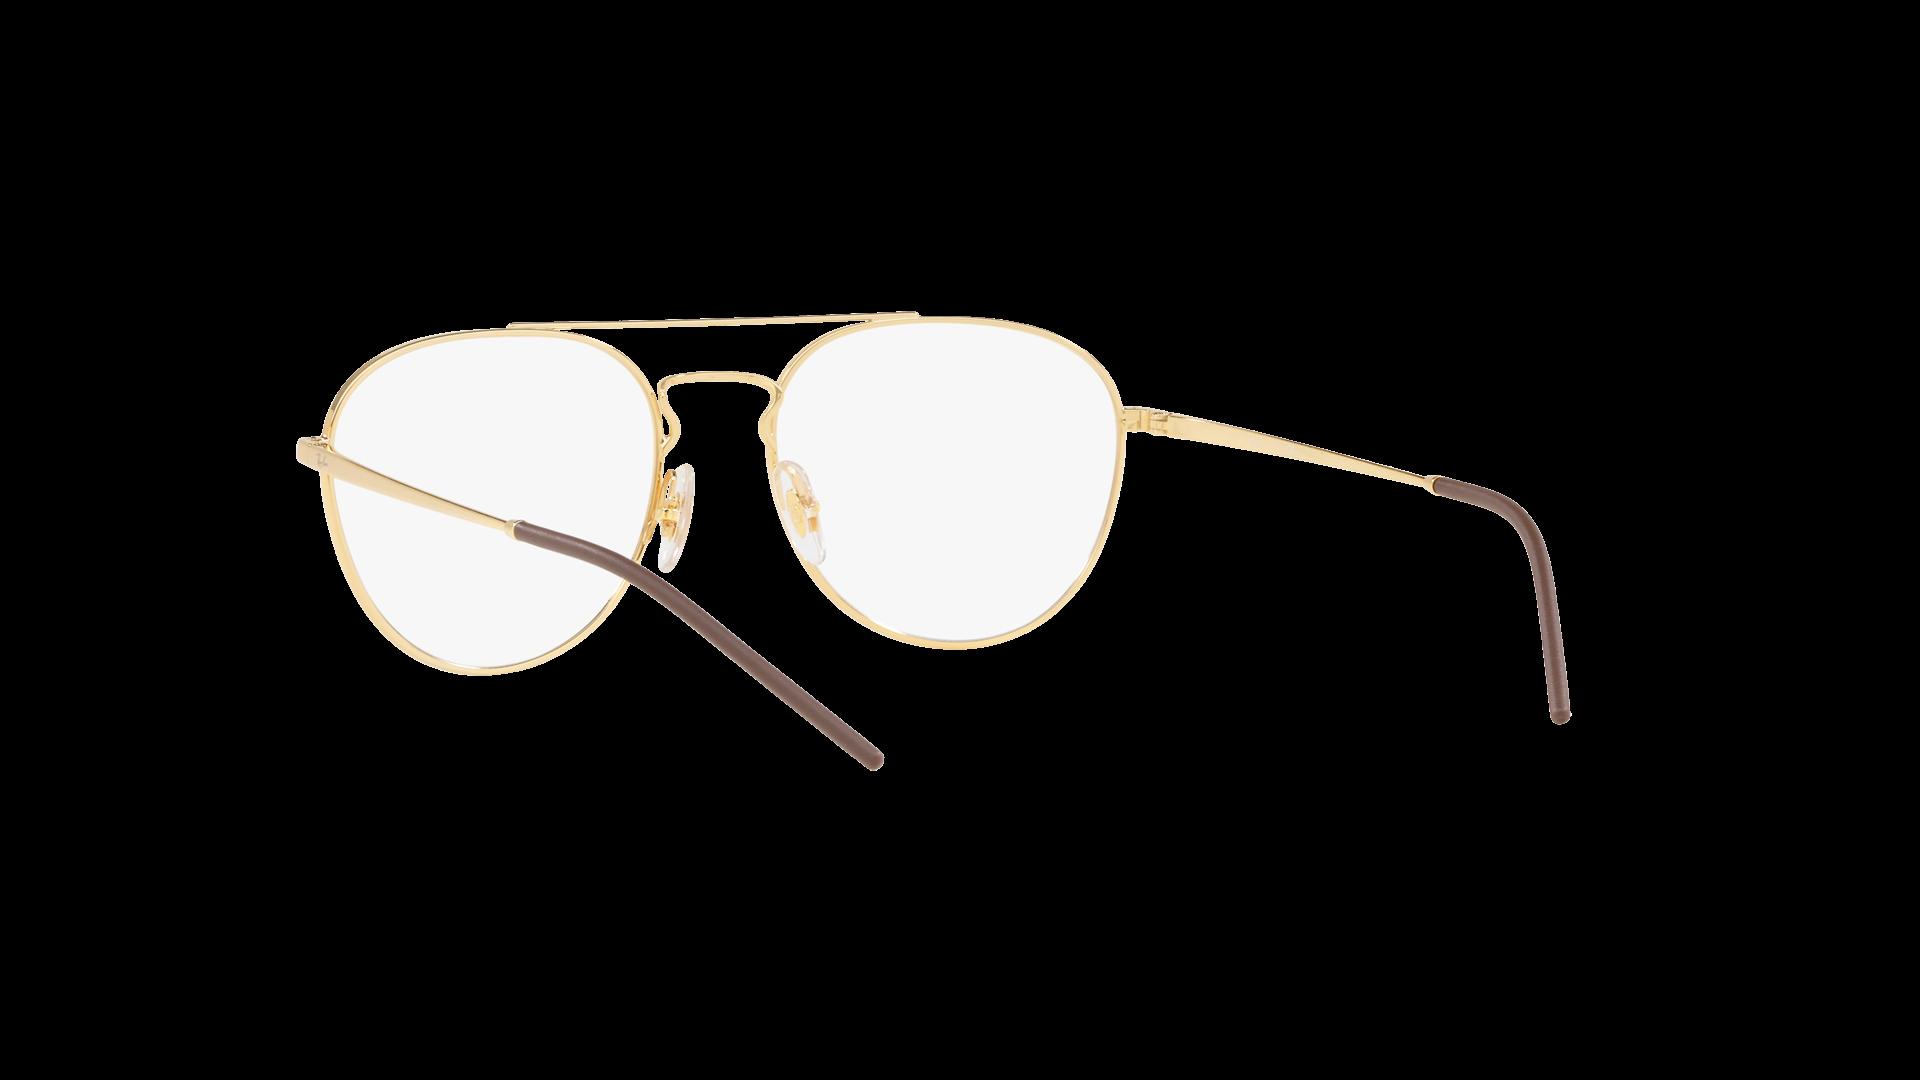 7ace3a9708d52 Eyeglasses Ray-Ban RX6414 RB6414 2500 53-18 Gold Medium